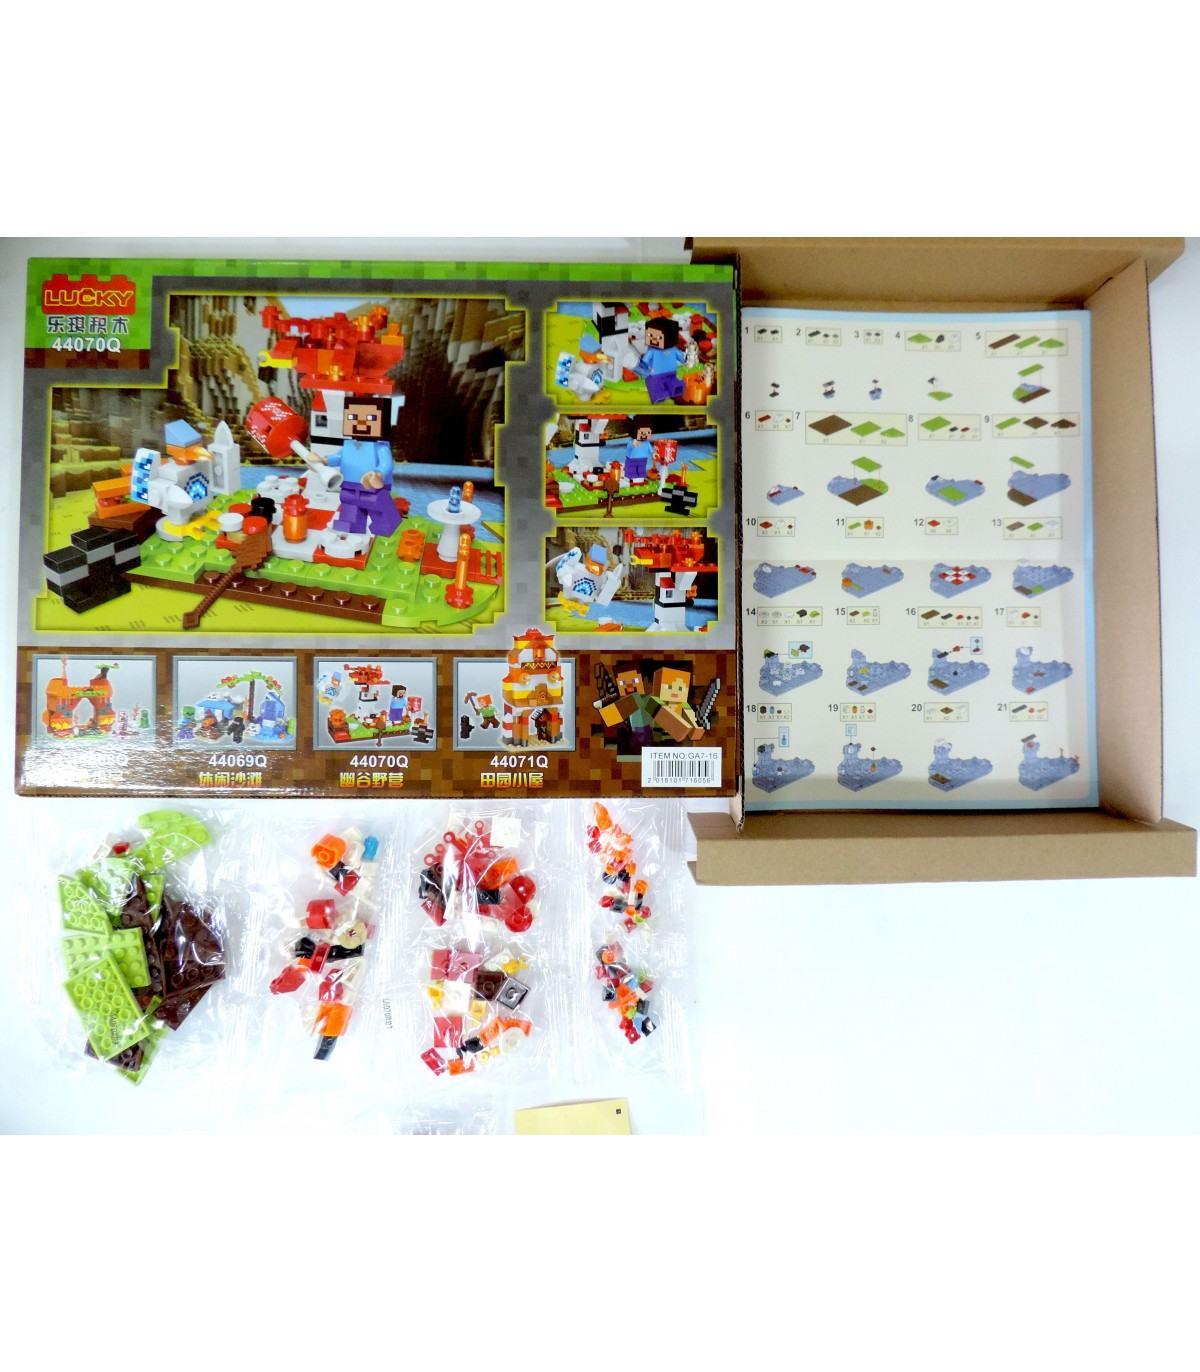 Фотография 1 товарной позиции интернет-магазина детских игрушек www.smarttoys.com.ua Дитячі конструктори Майнкрафт Lucky My Word 165 pcs